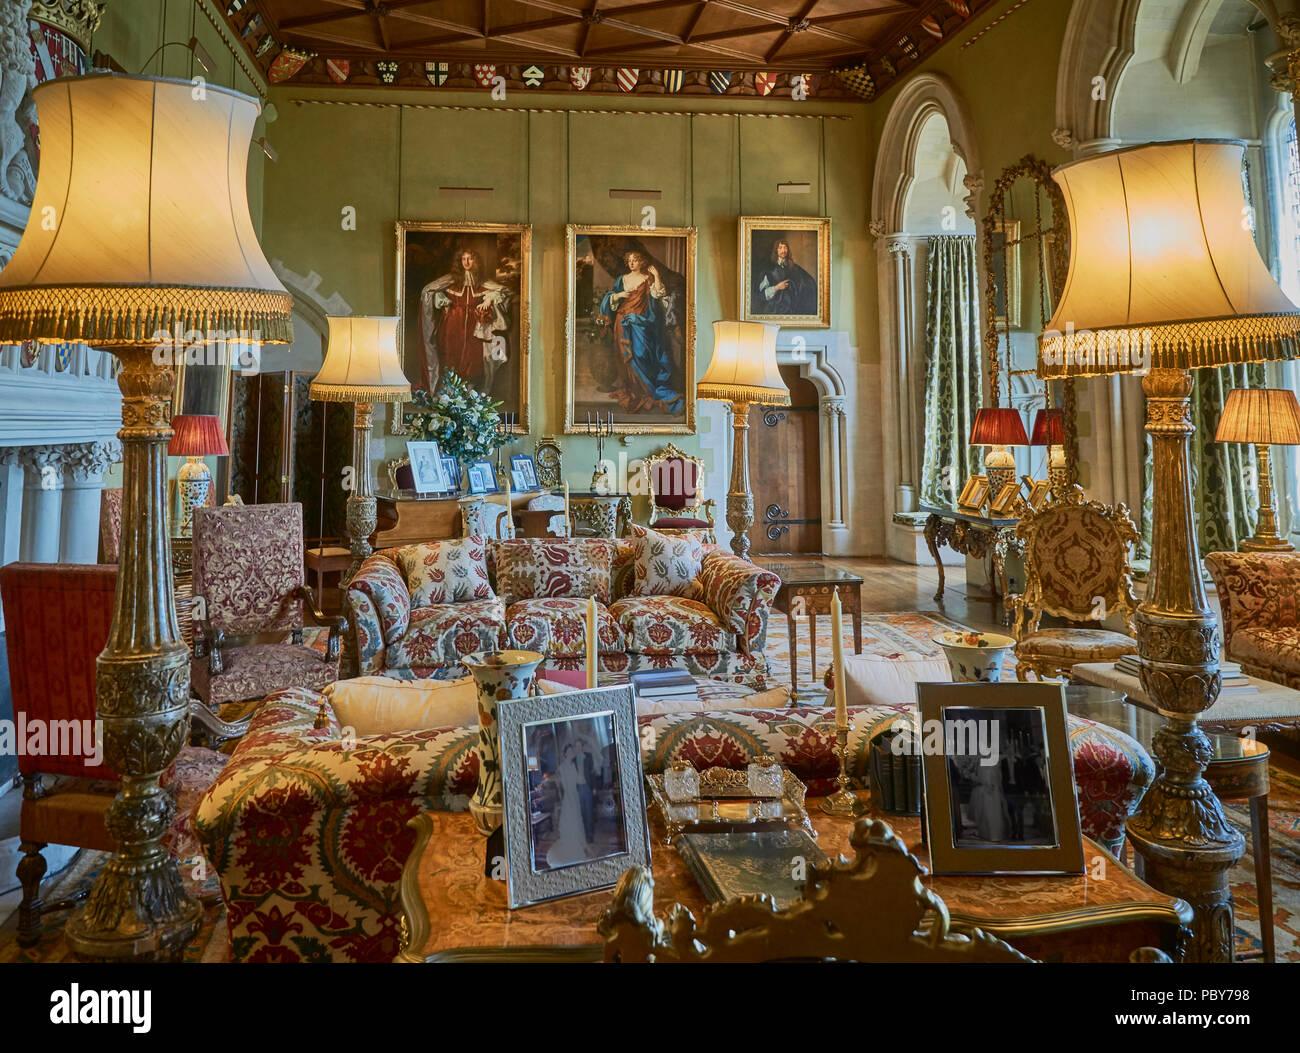 Interni Di Una Casa Di Campagna : Il sontuoso interno di una casa di campagna inglese foto & immagine